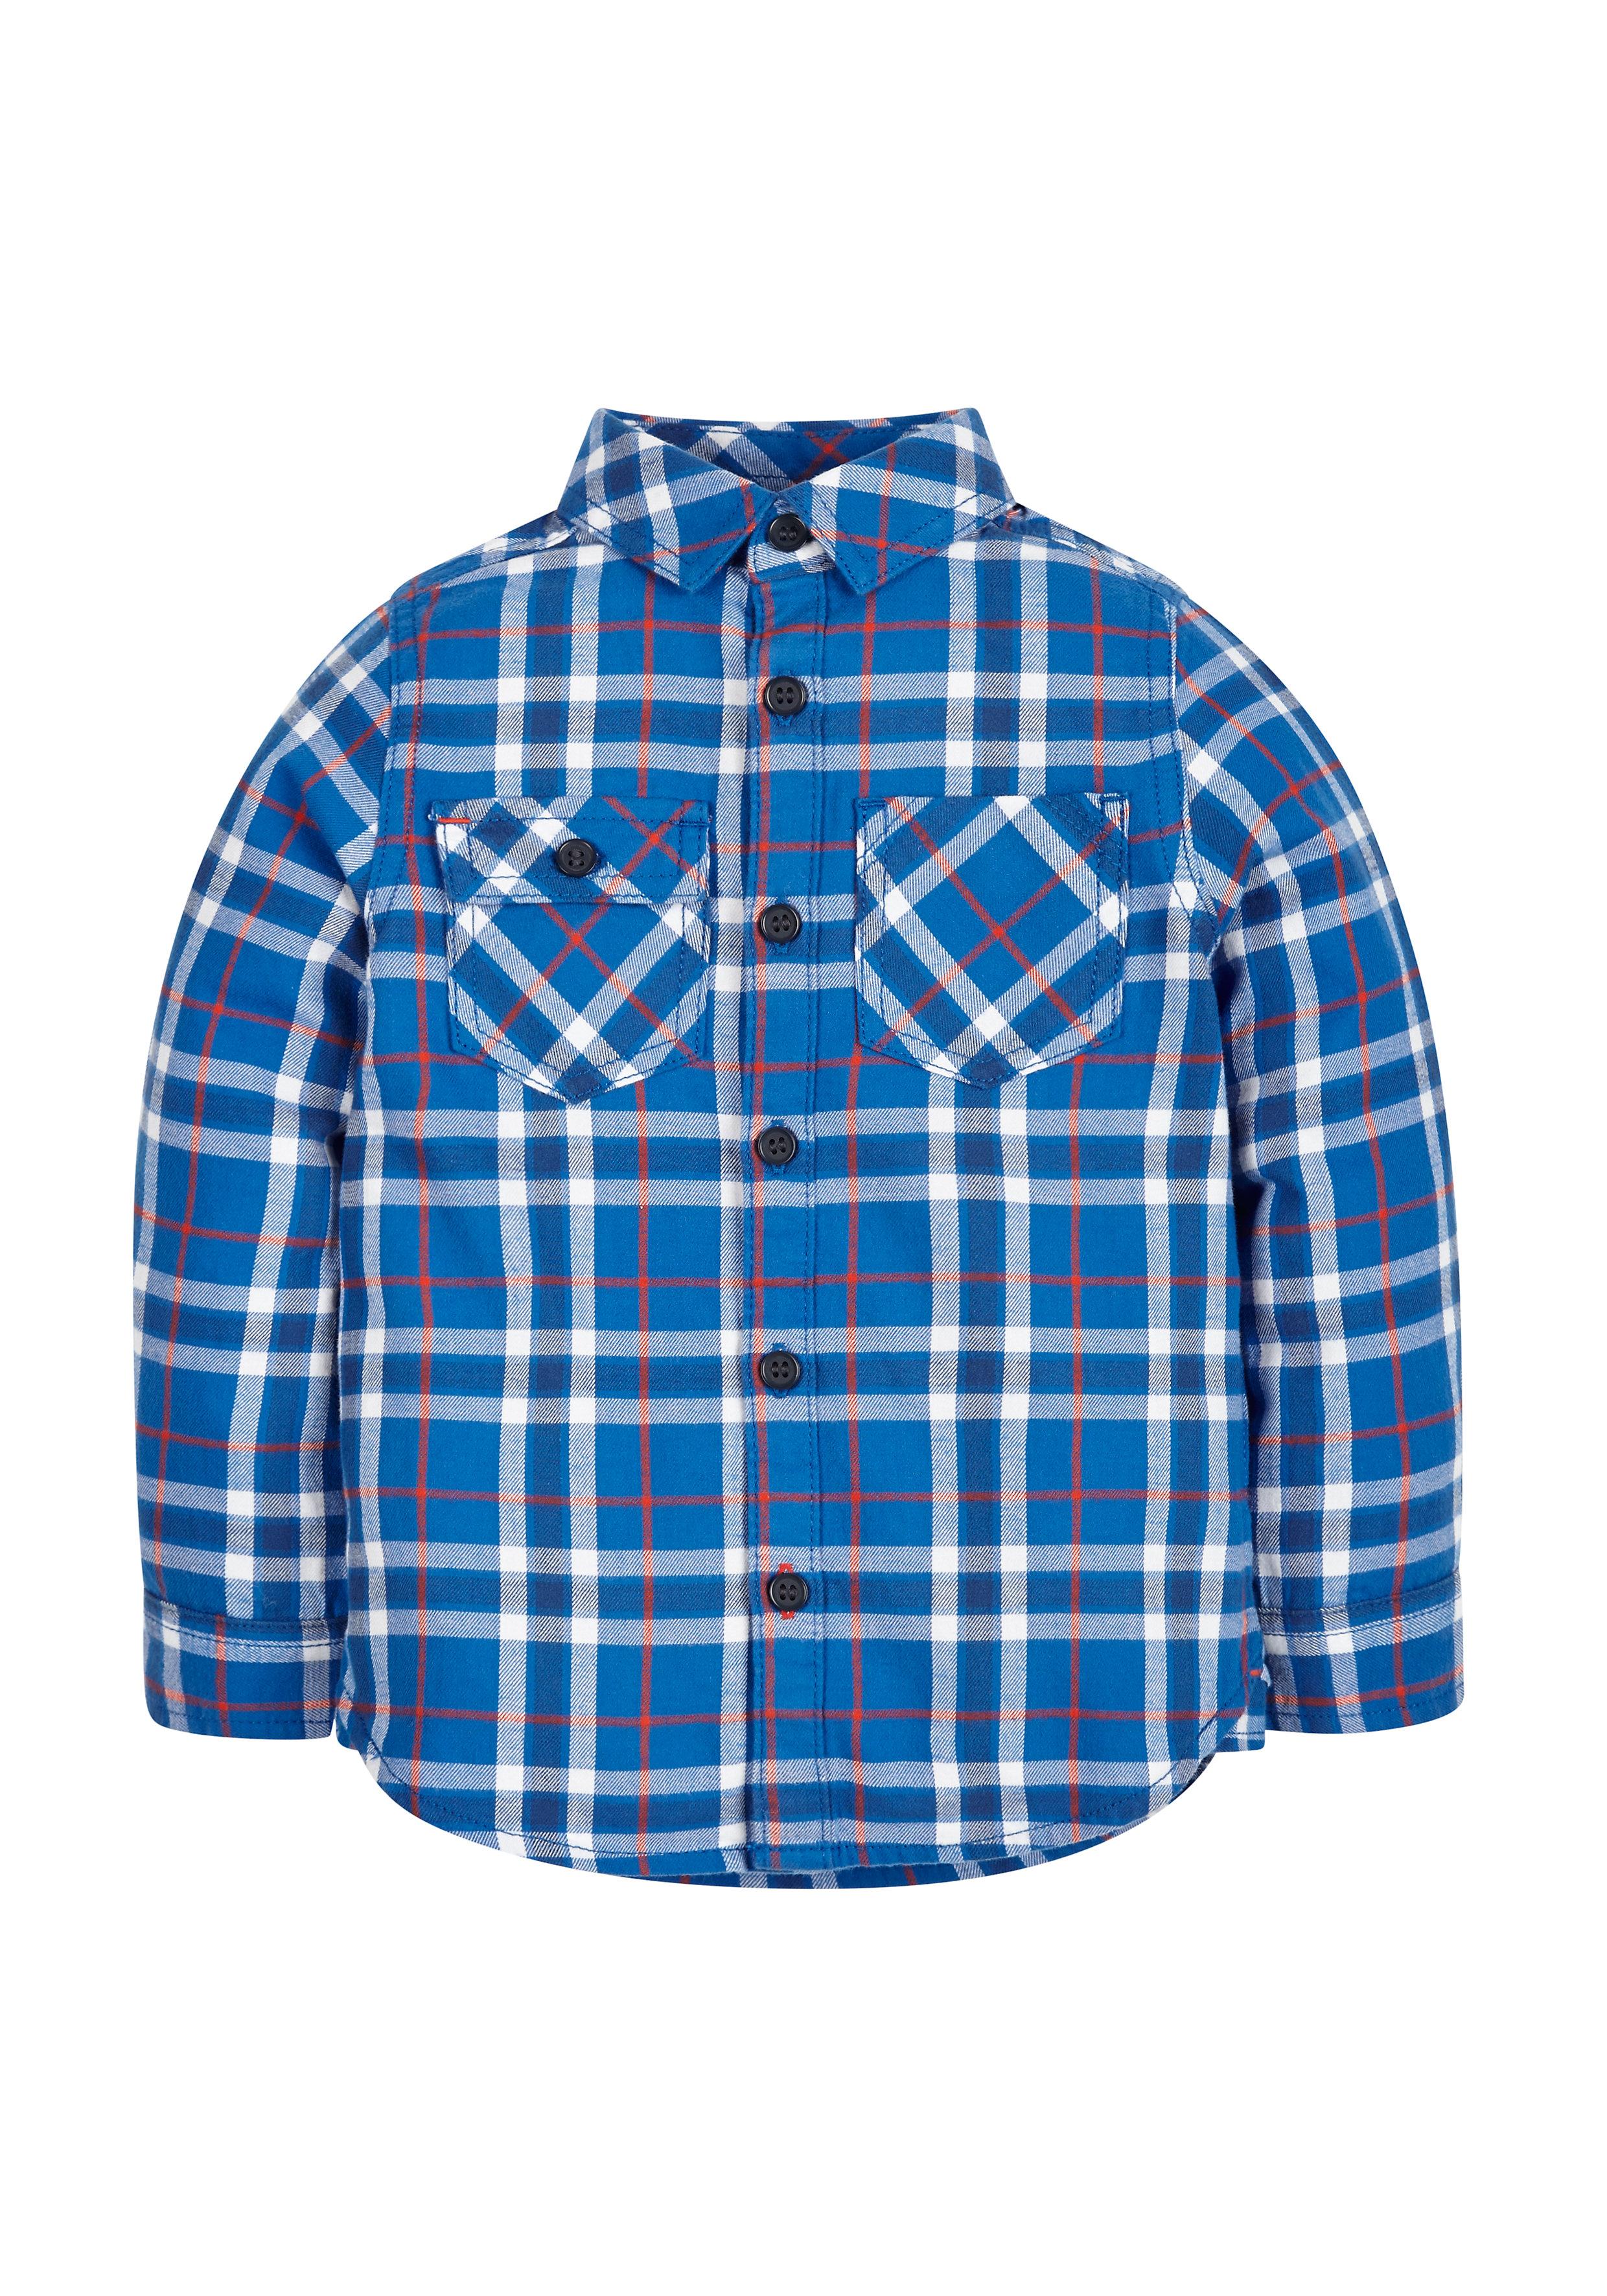 Mothercare | Boys Check Shirt - Blue